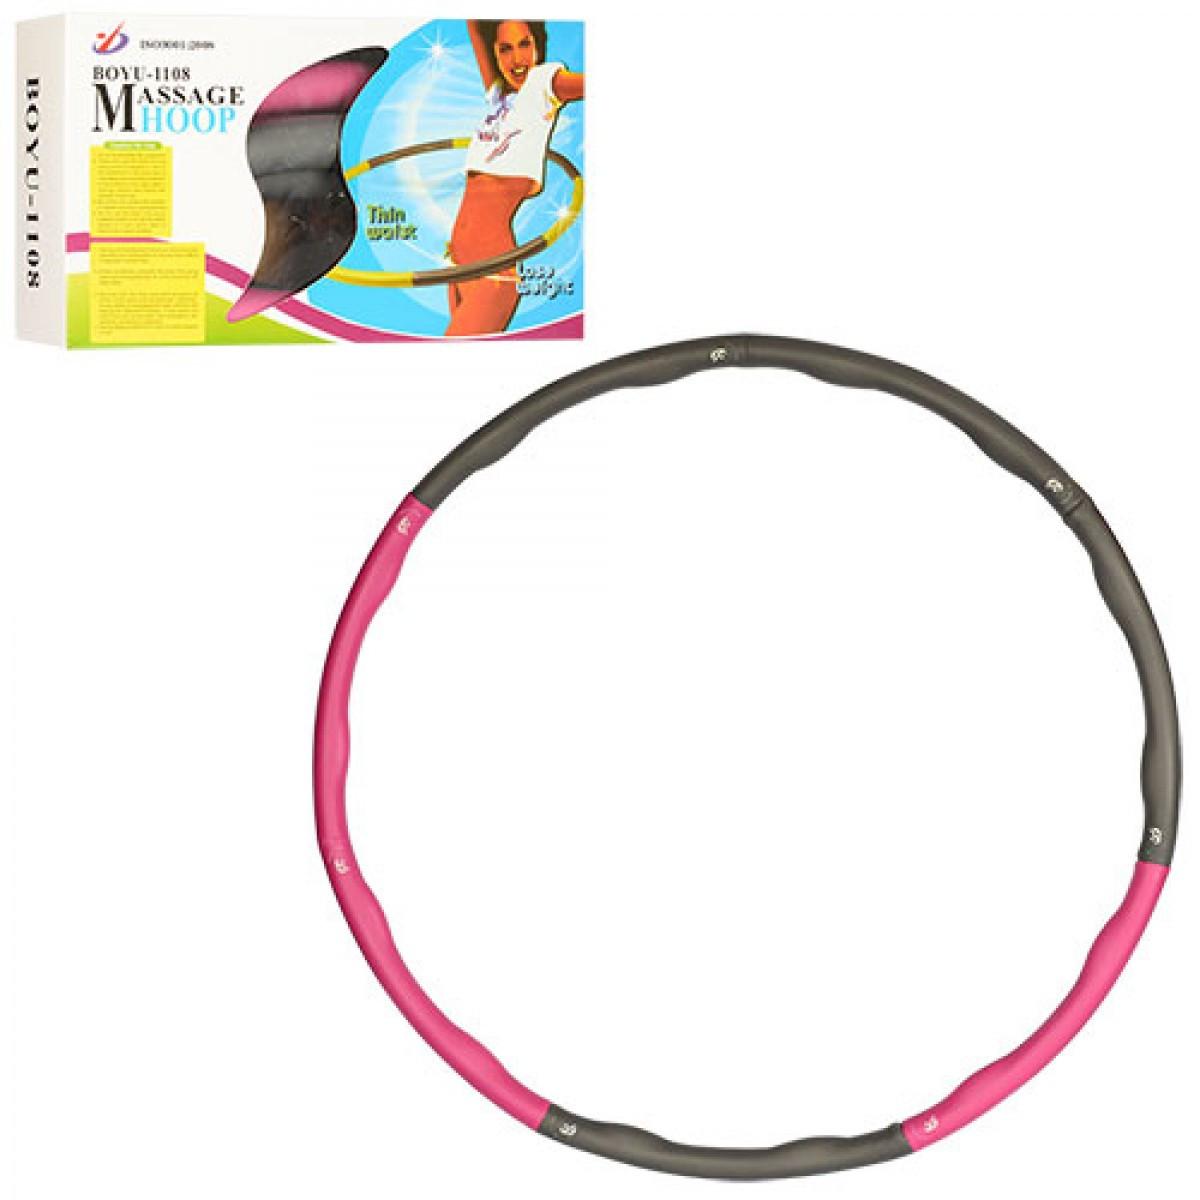 Массажный обруч для похудения Profi 84 см (MS 0788), хулахуп гимнастический профи